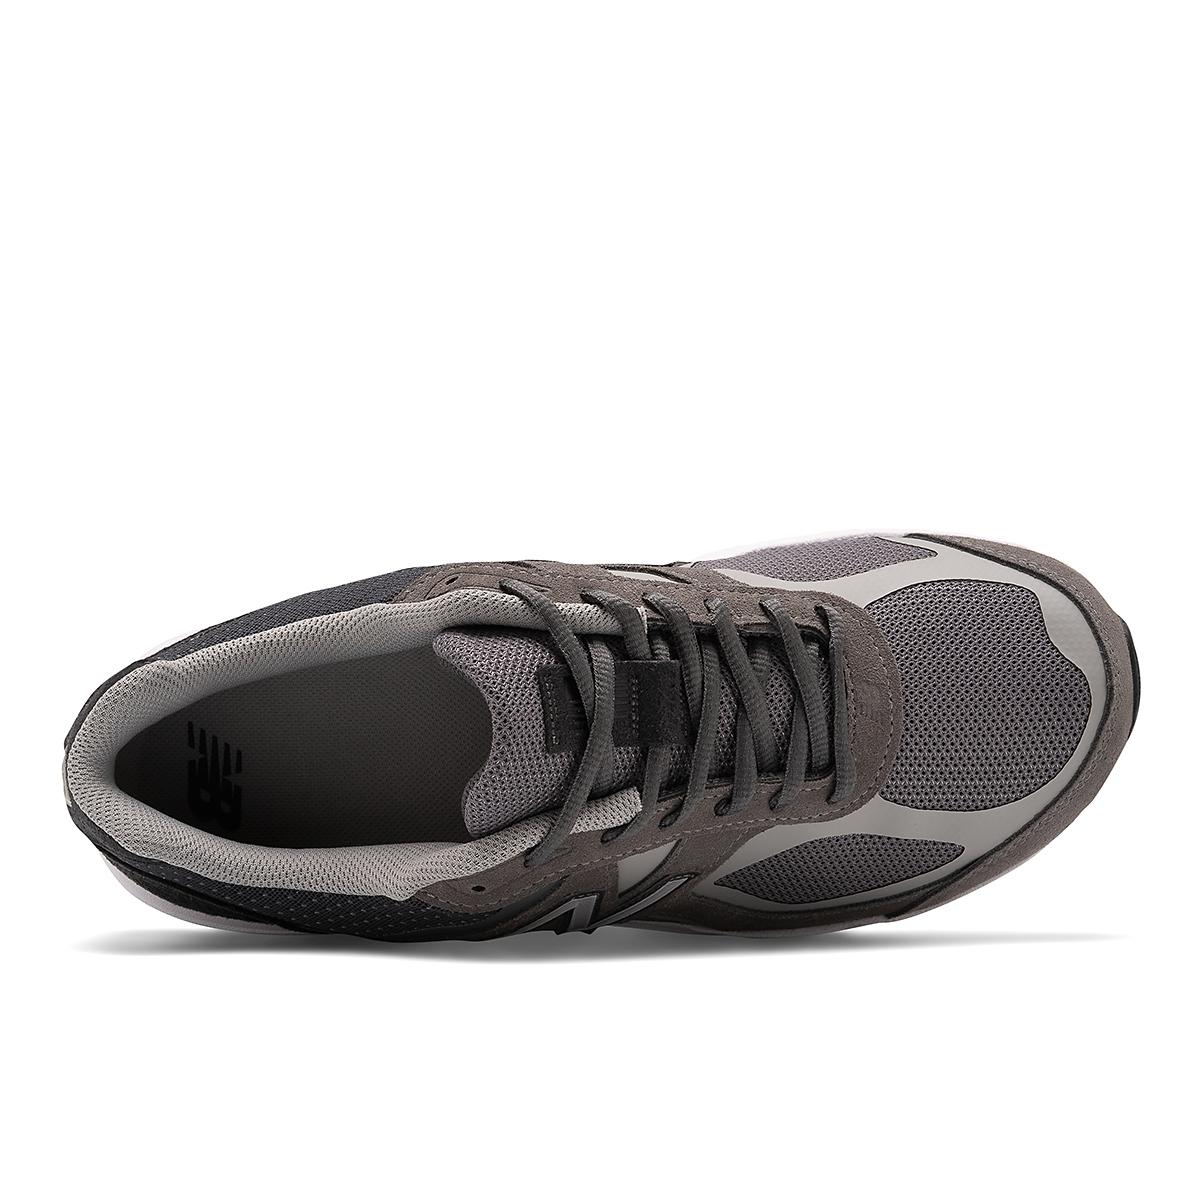 Men's New Balance 1540V3 Walking Shoe - Color: Grey - Size: 7 - Width: Wide, Grey, large, image 3